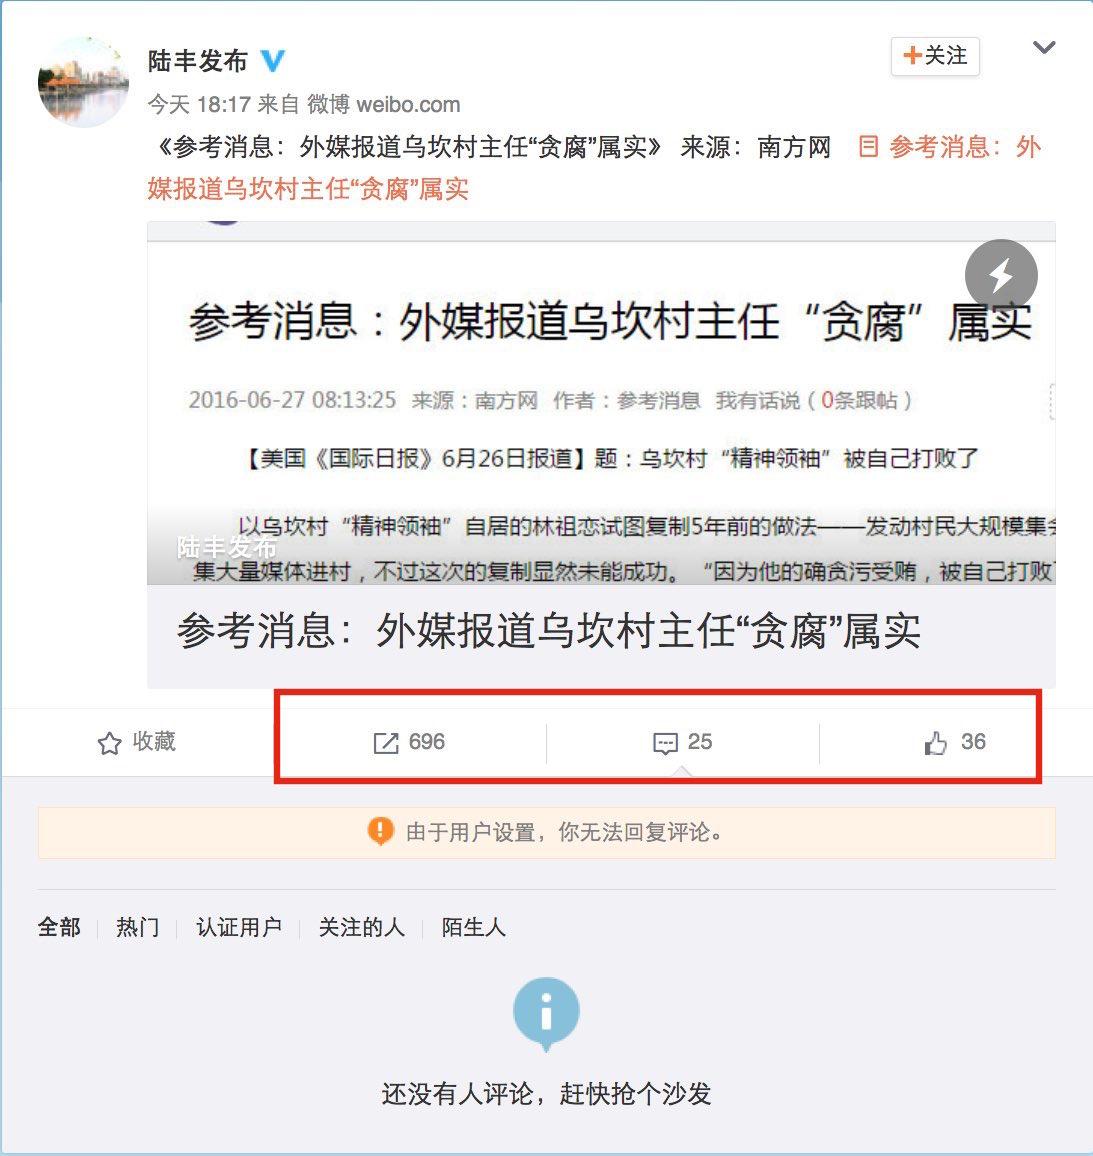 陆丰发布删除评论